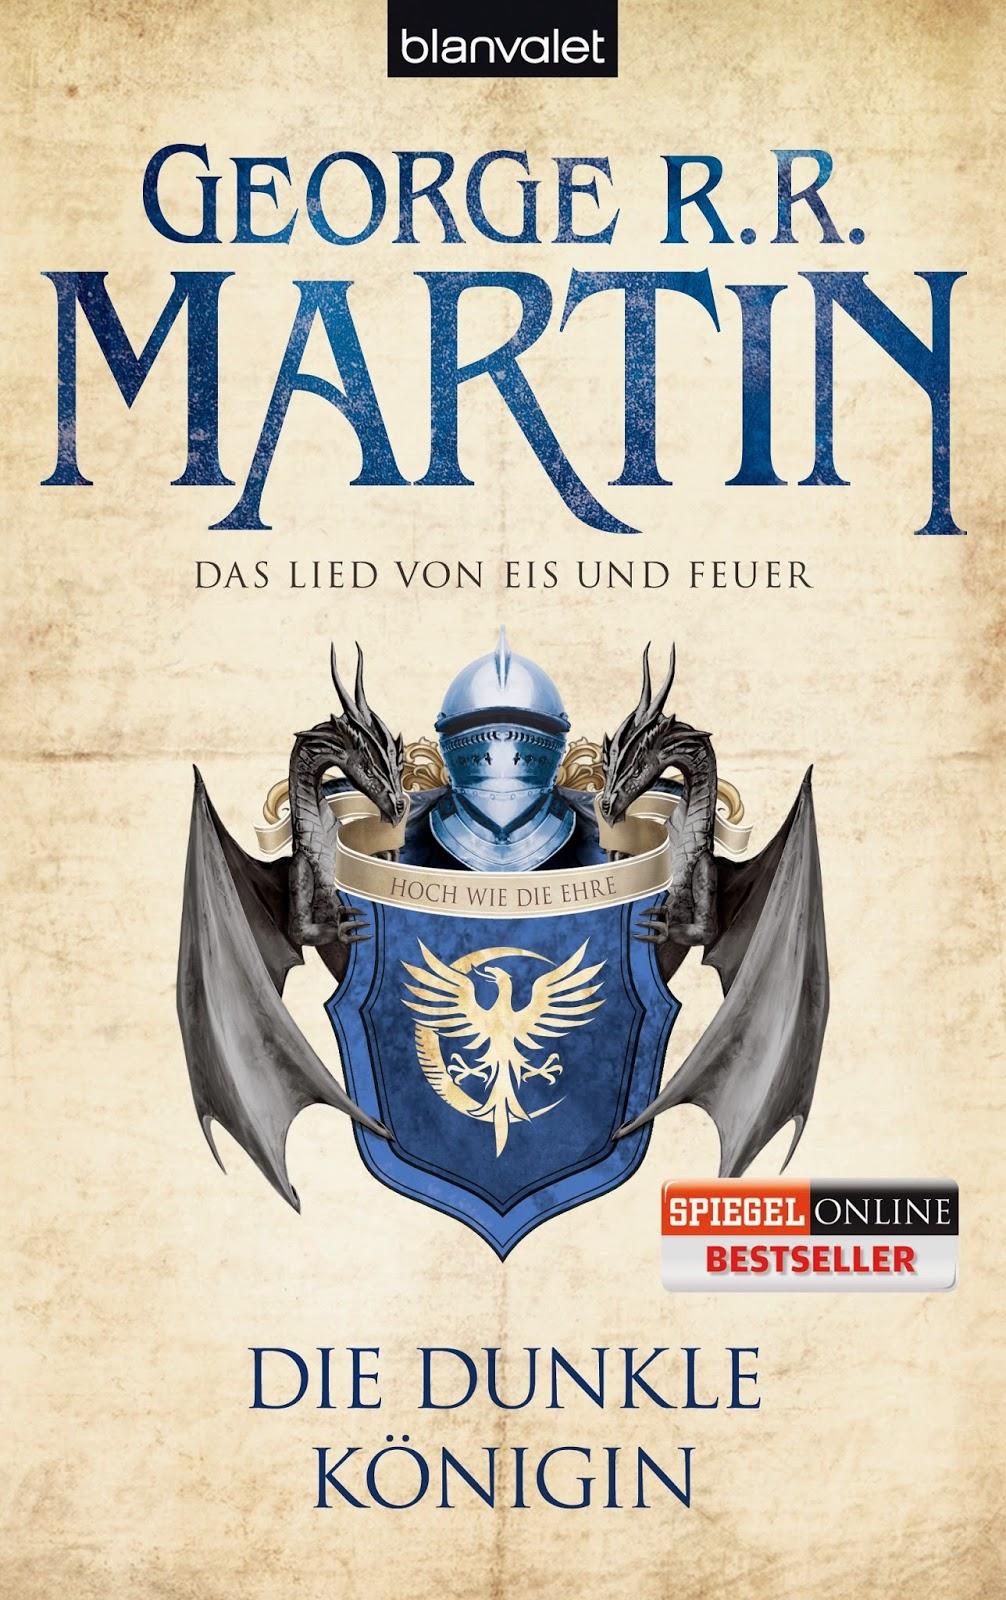 http://www.randomhouse.de/Paperback/Das-Lied-von-Eis-und-Feuer-08-Die-dunkle-Koenigin/George-R-R-Martin/e391539.rhd